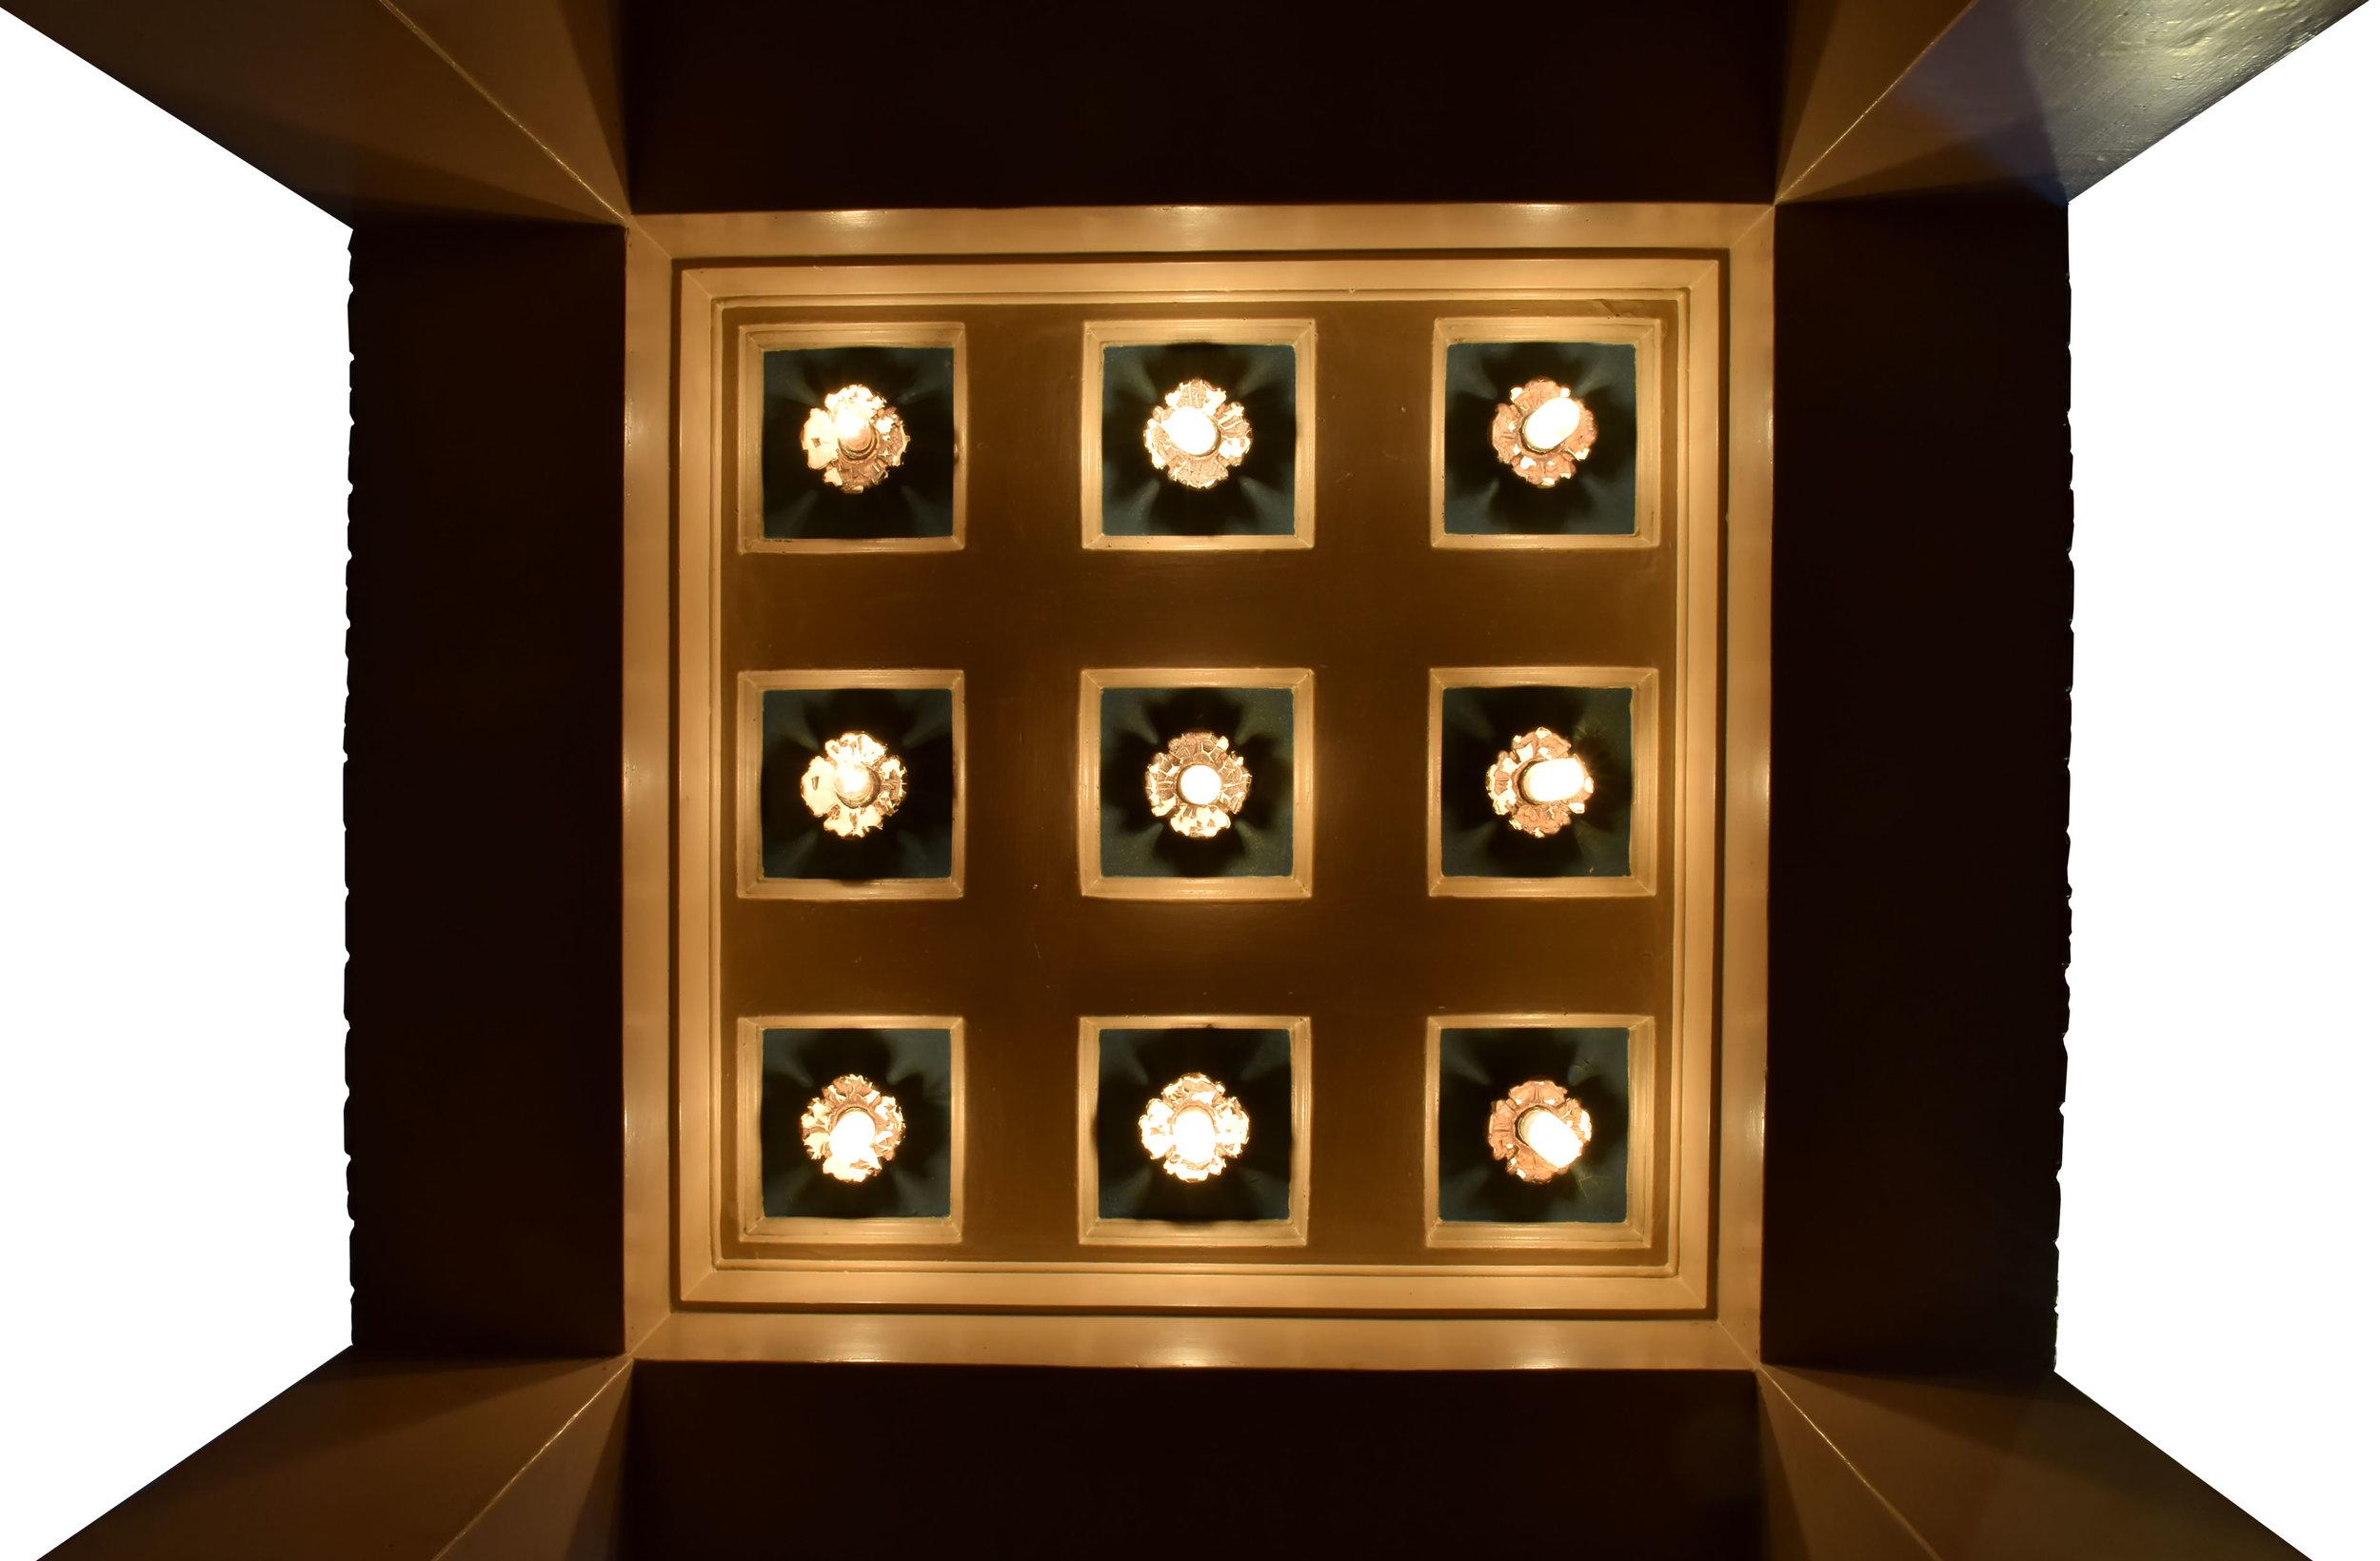 47228-plaster-baldacchino-interior-lights.jpg